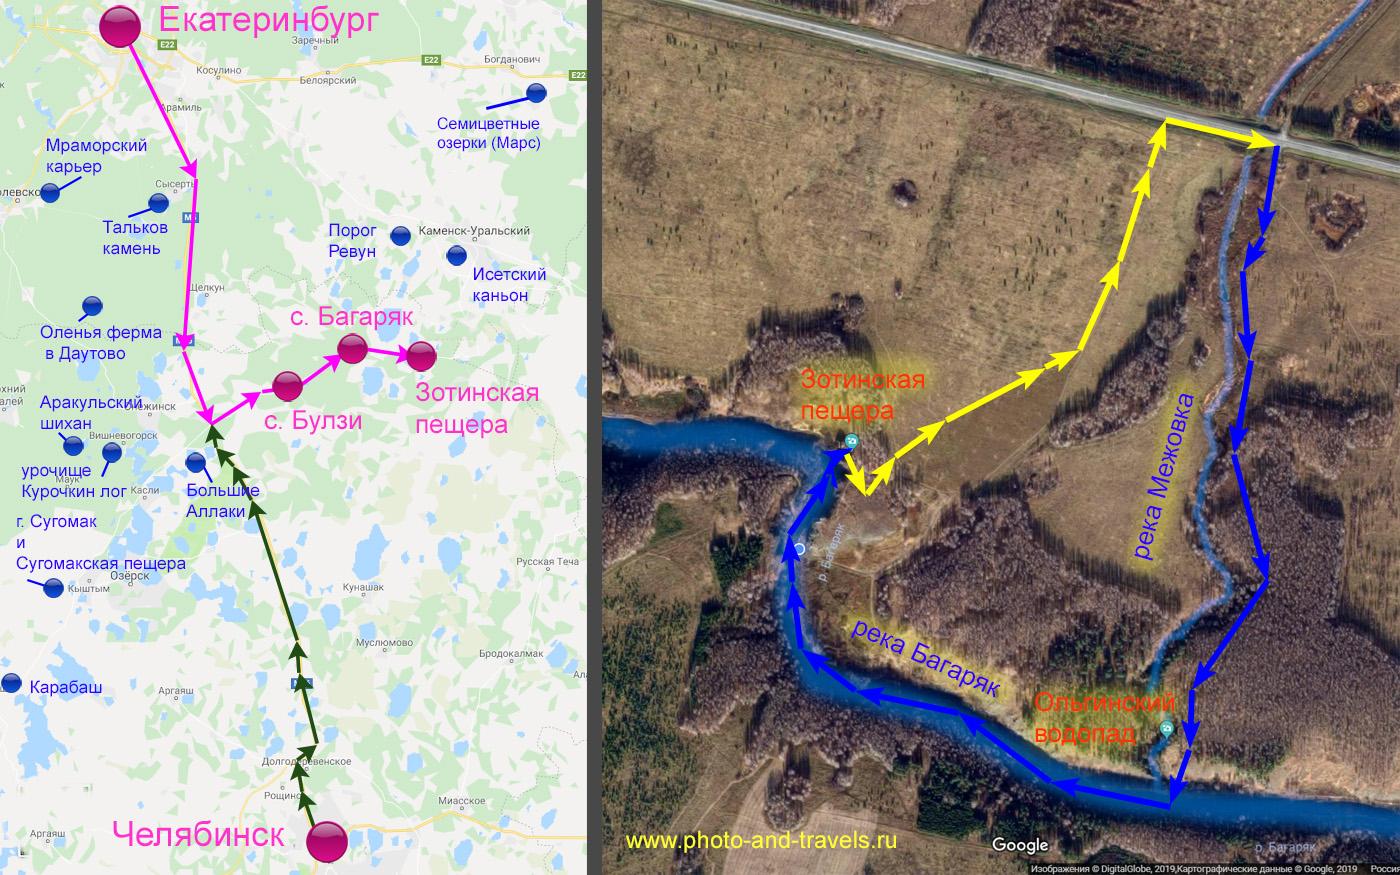 41. Карта со схемой маршрута проезда к Зотинской пещере и тропы к Ольгинскому водопаду.